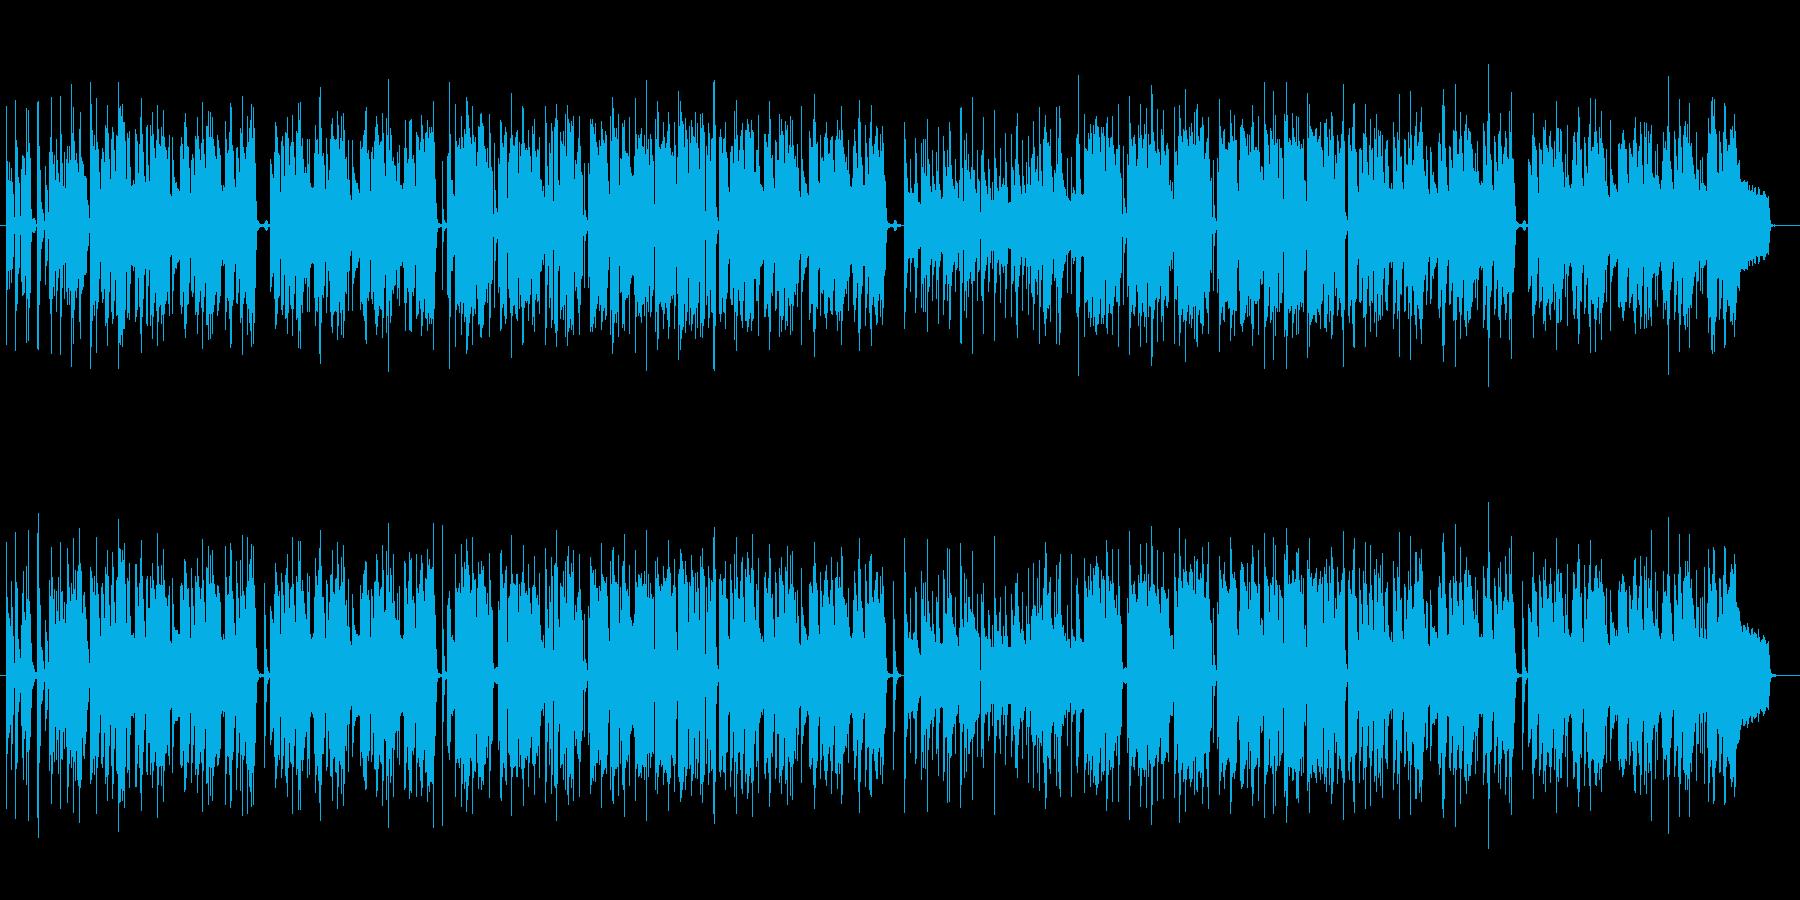 コントみたいなおマヌケな一曲の再生済みの波形